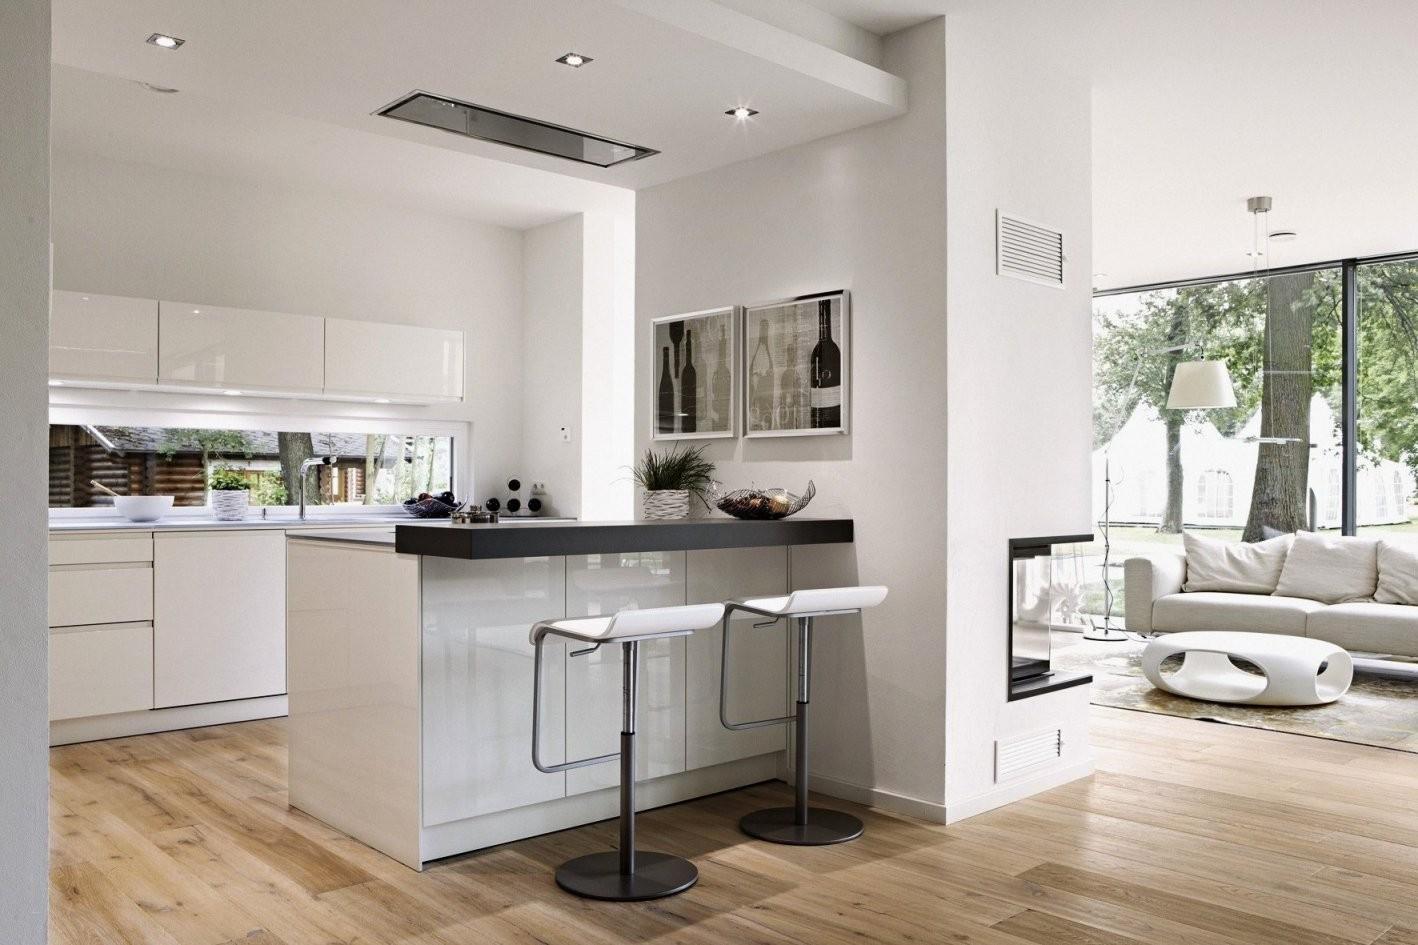 Offene Küche Einrichten Genial 42 Einzigartig Fene Für Kuche von Wohnzimmer Mit Offener Küche Einrichten Bild